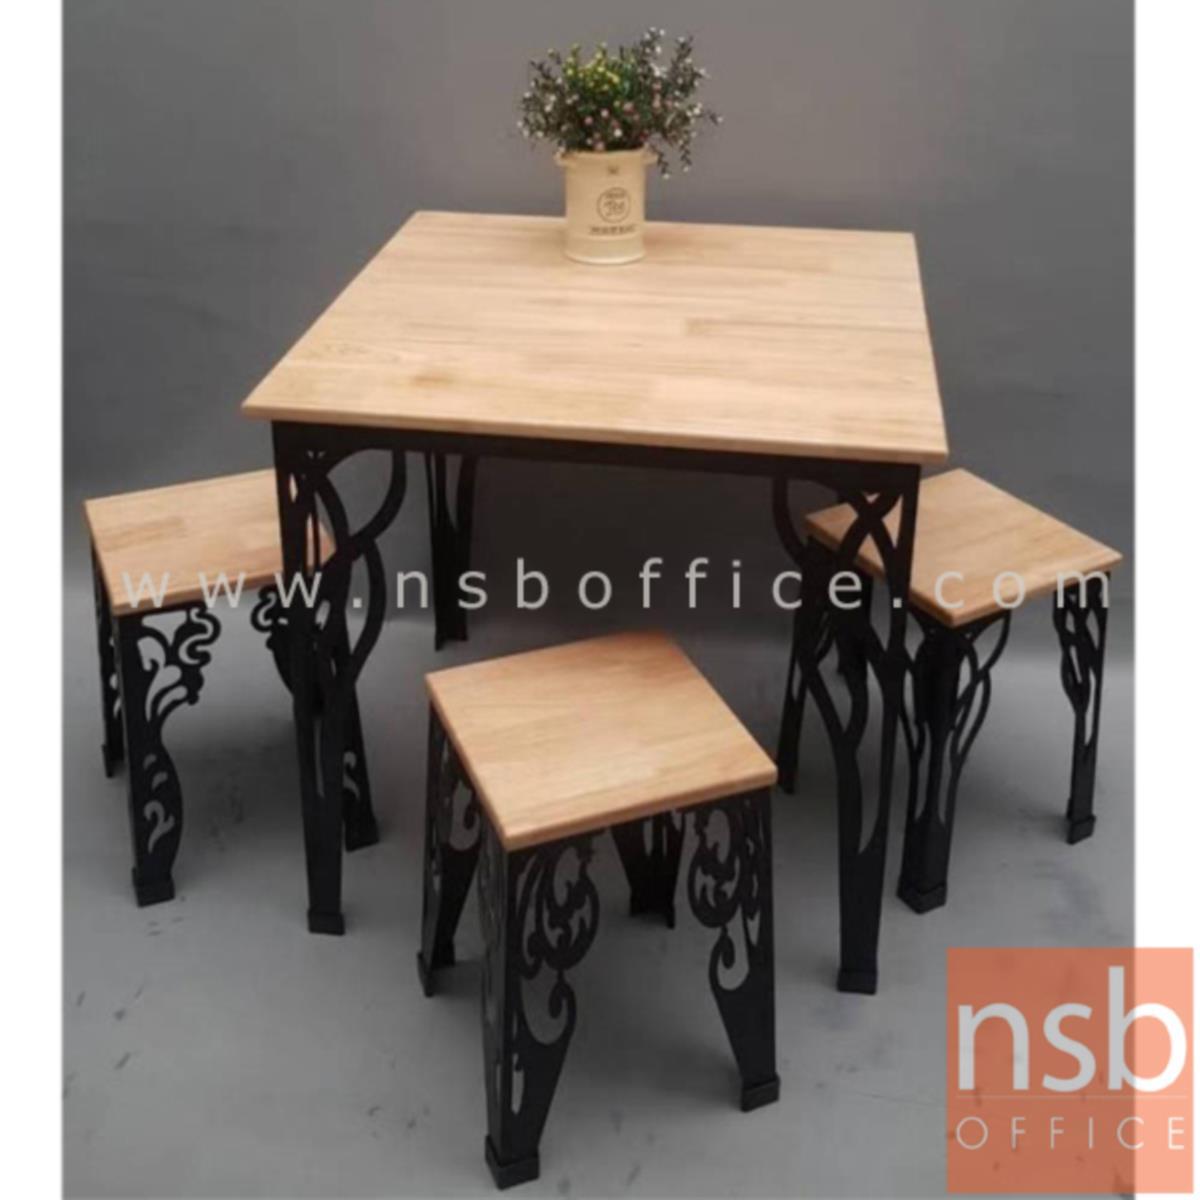 G14A149:ชุดโต๊ะรับประทานอาหารหน้าไม้ยางพารา 4 ที่นั่ง รุ่น BCS-790AA ขนาด 75W cm. พร้อมเก้าอี้